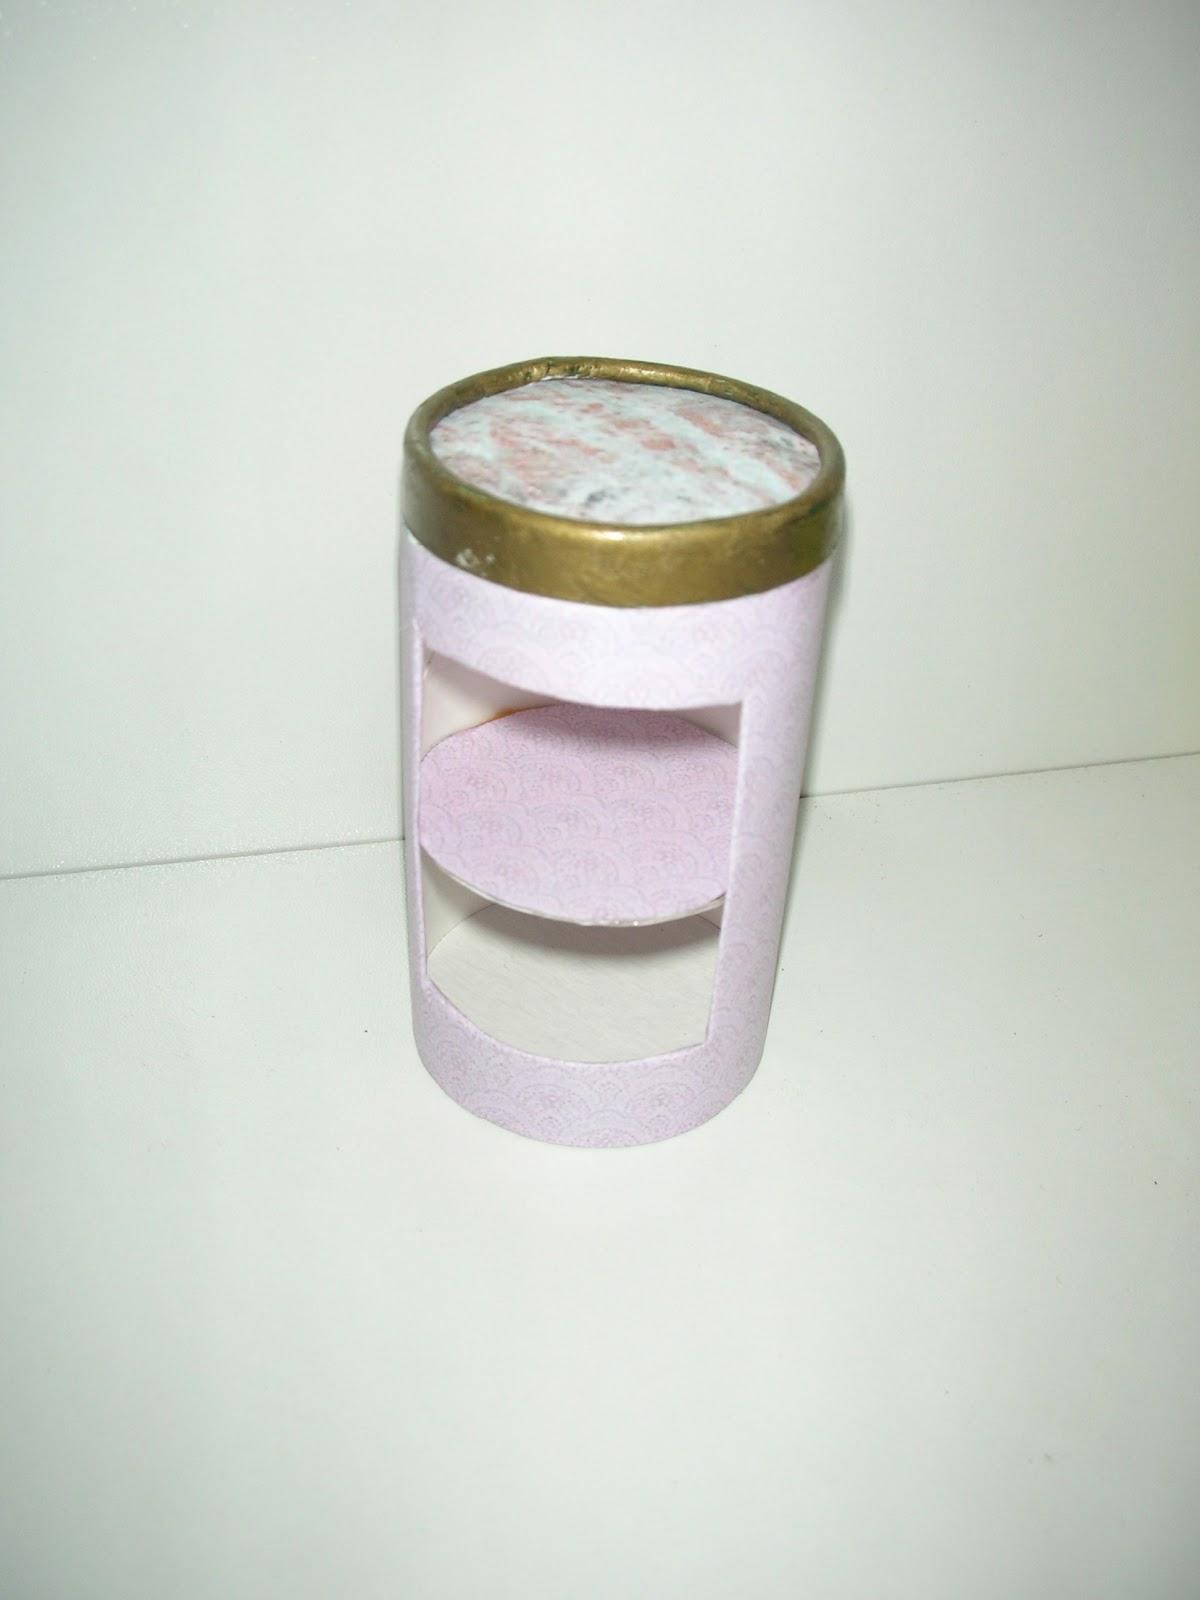 Papier peint imitation marbre effet trompe l'oeil - Papier Peint Effet Marbre